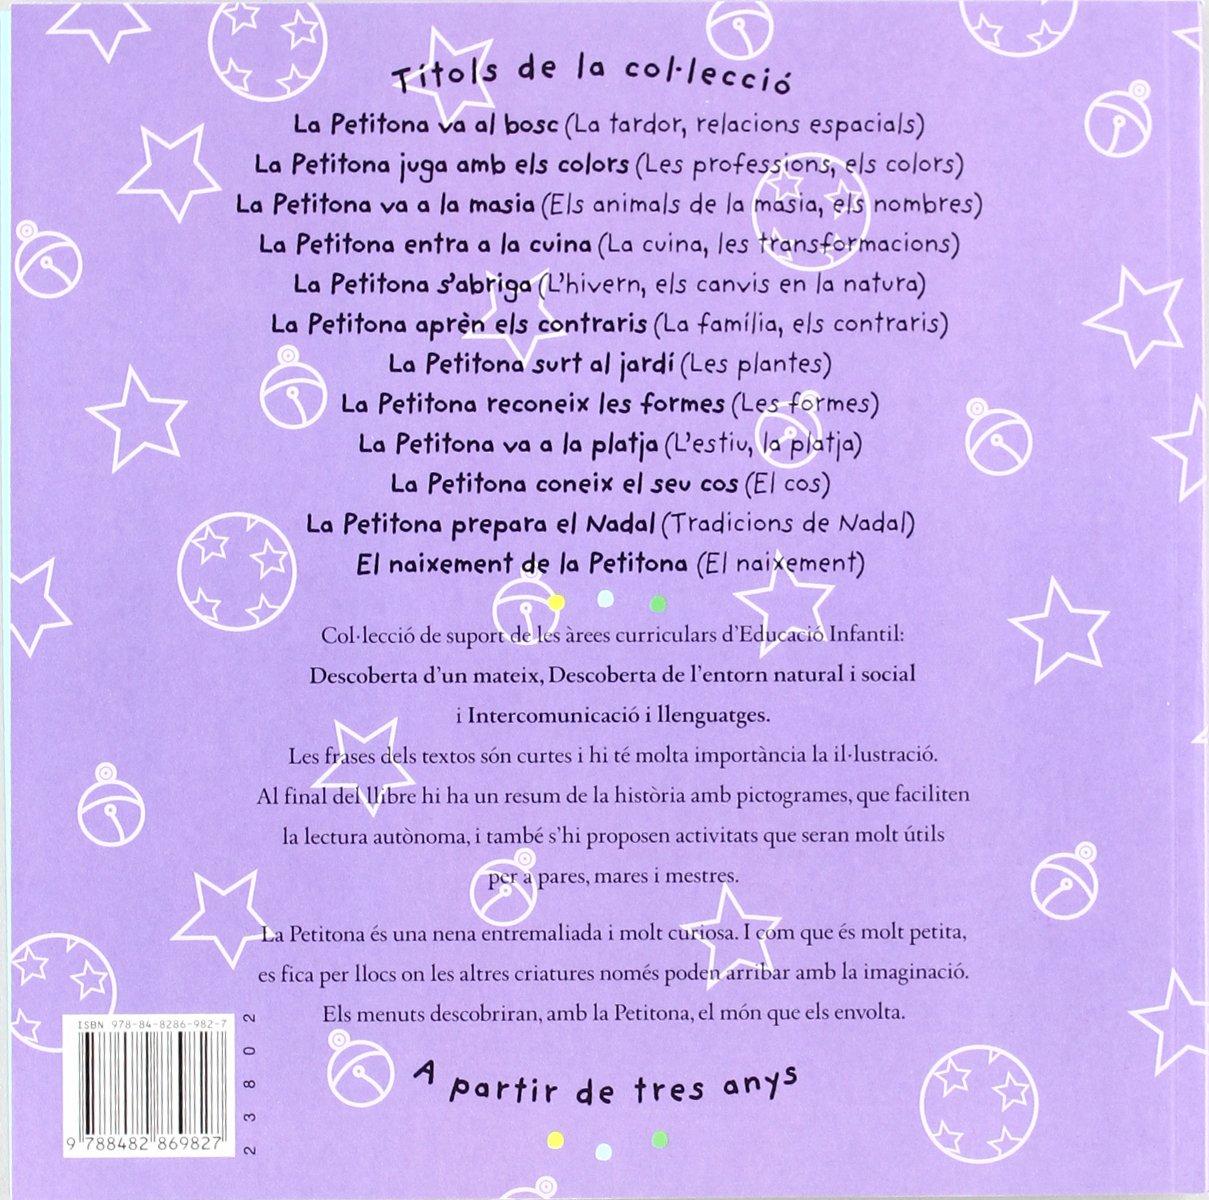 La Petitona Reconeix Les Formes Roser Rius 9788482869827